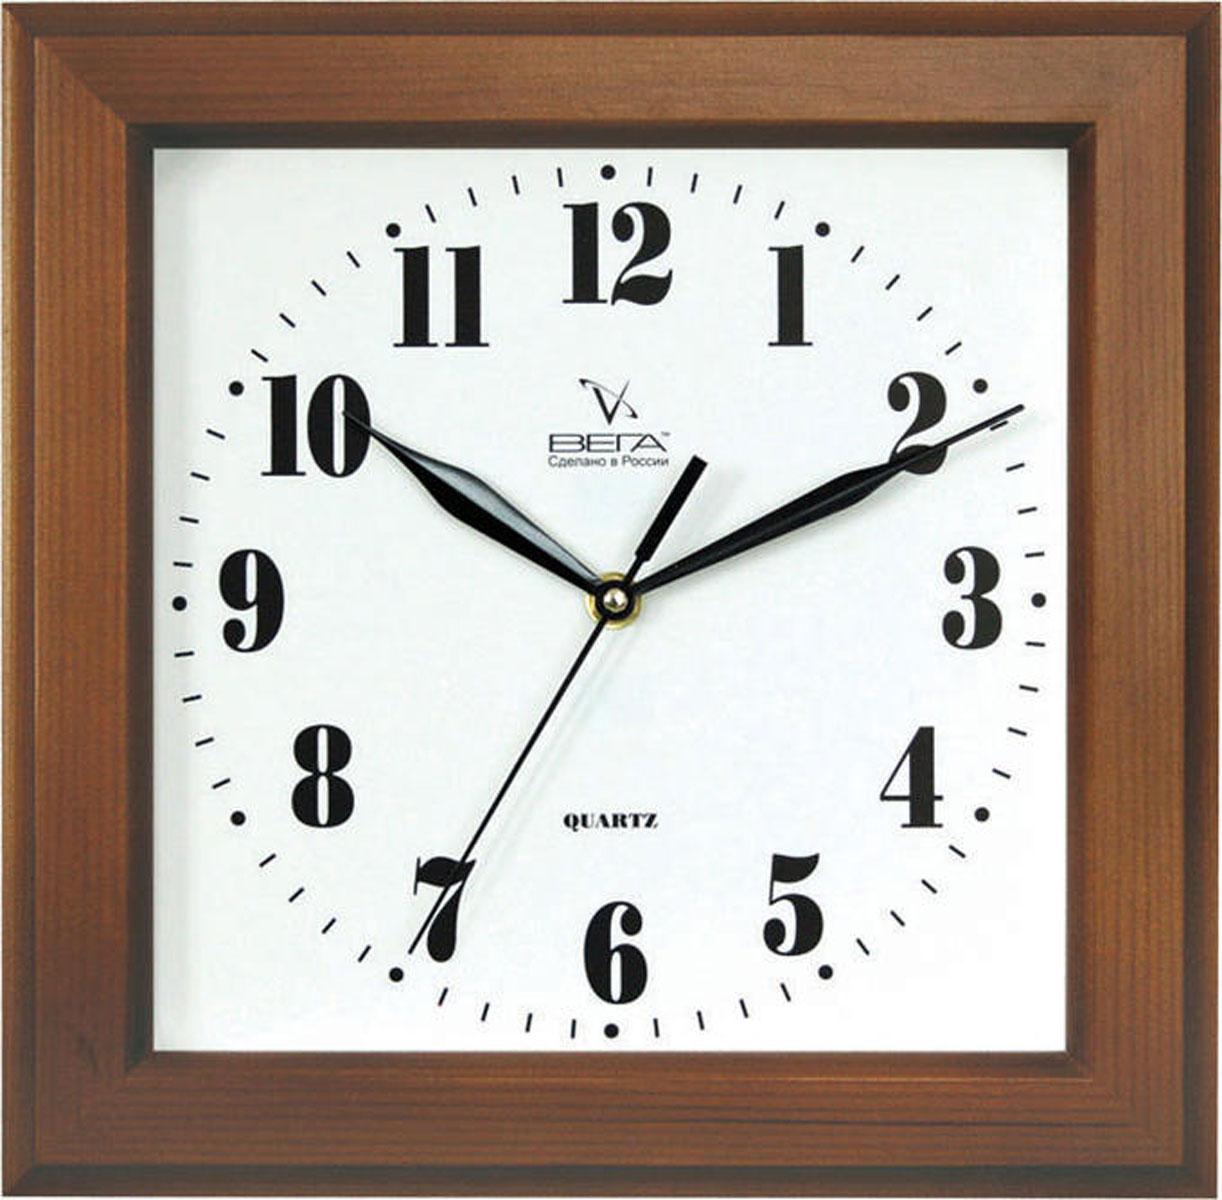 Часы настенные Вега Классика. Д4Д/7-26Д4Д/7-26Оригинальные настенные часы квадратной формы Вега Классика выполнены из дерева и пластика. Часы имеют три стрелки - часовую, минутную и секундную. Необычное дизайнерское решение и качество исполнения придутся по вкусу каждому. Оформите свой дом таким интерьерным аксессуаром или преподнесите его в качестве презента друзьям, и они оценят ваш оригинальный вкус и неординарность подарка. Часы работают от 1 батарейки типа АА напряжением 1,5 В (в комплект не входит). Уважаемые клиенты! Обращаем ваше внимание на незначительные изменения в оттенке товара. Качественные характеристики товара остаются неизменными. Поставка осуществляется в зависимости от наличия на складе.